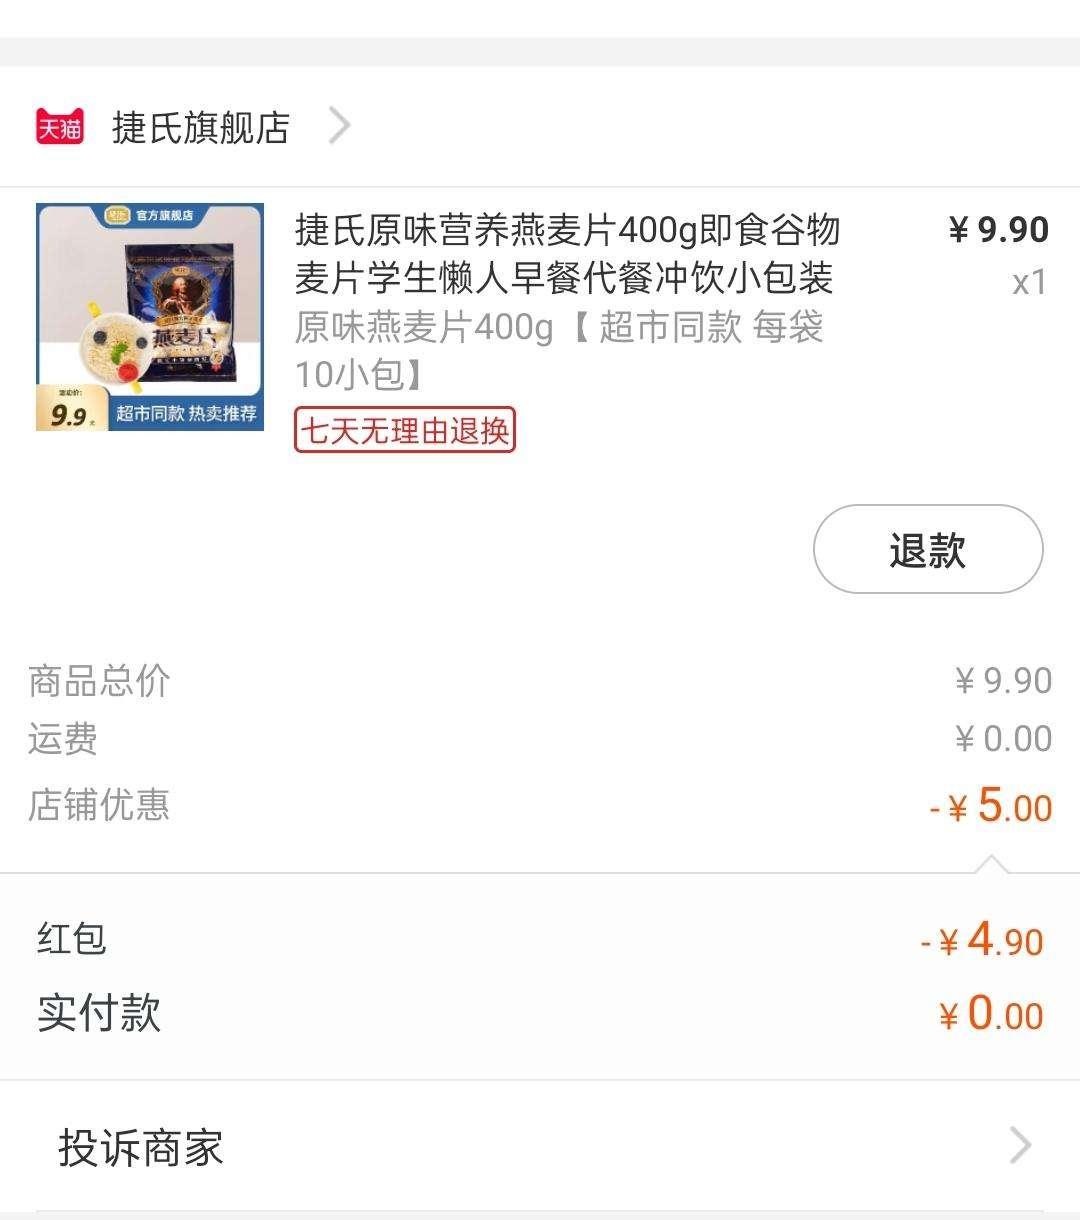 淘宝0元撸实物